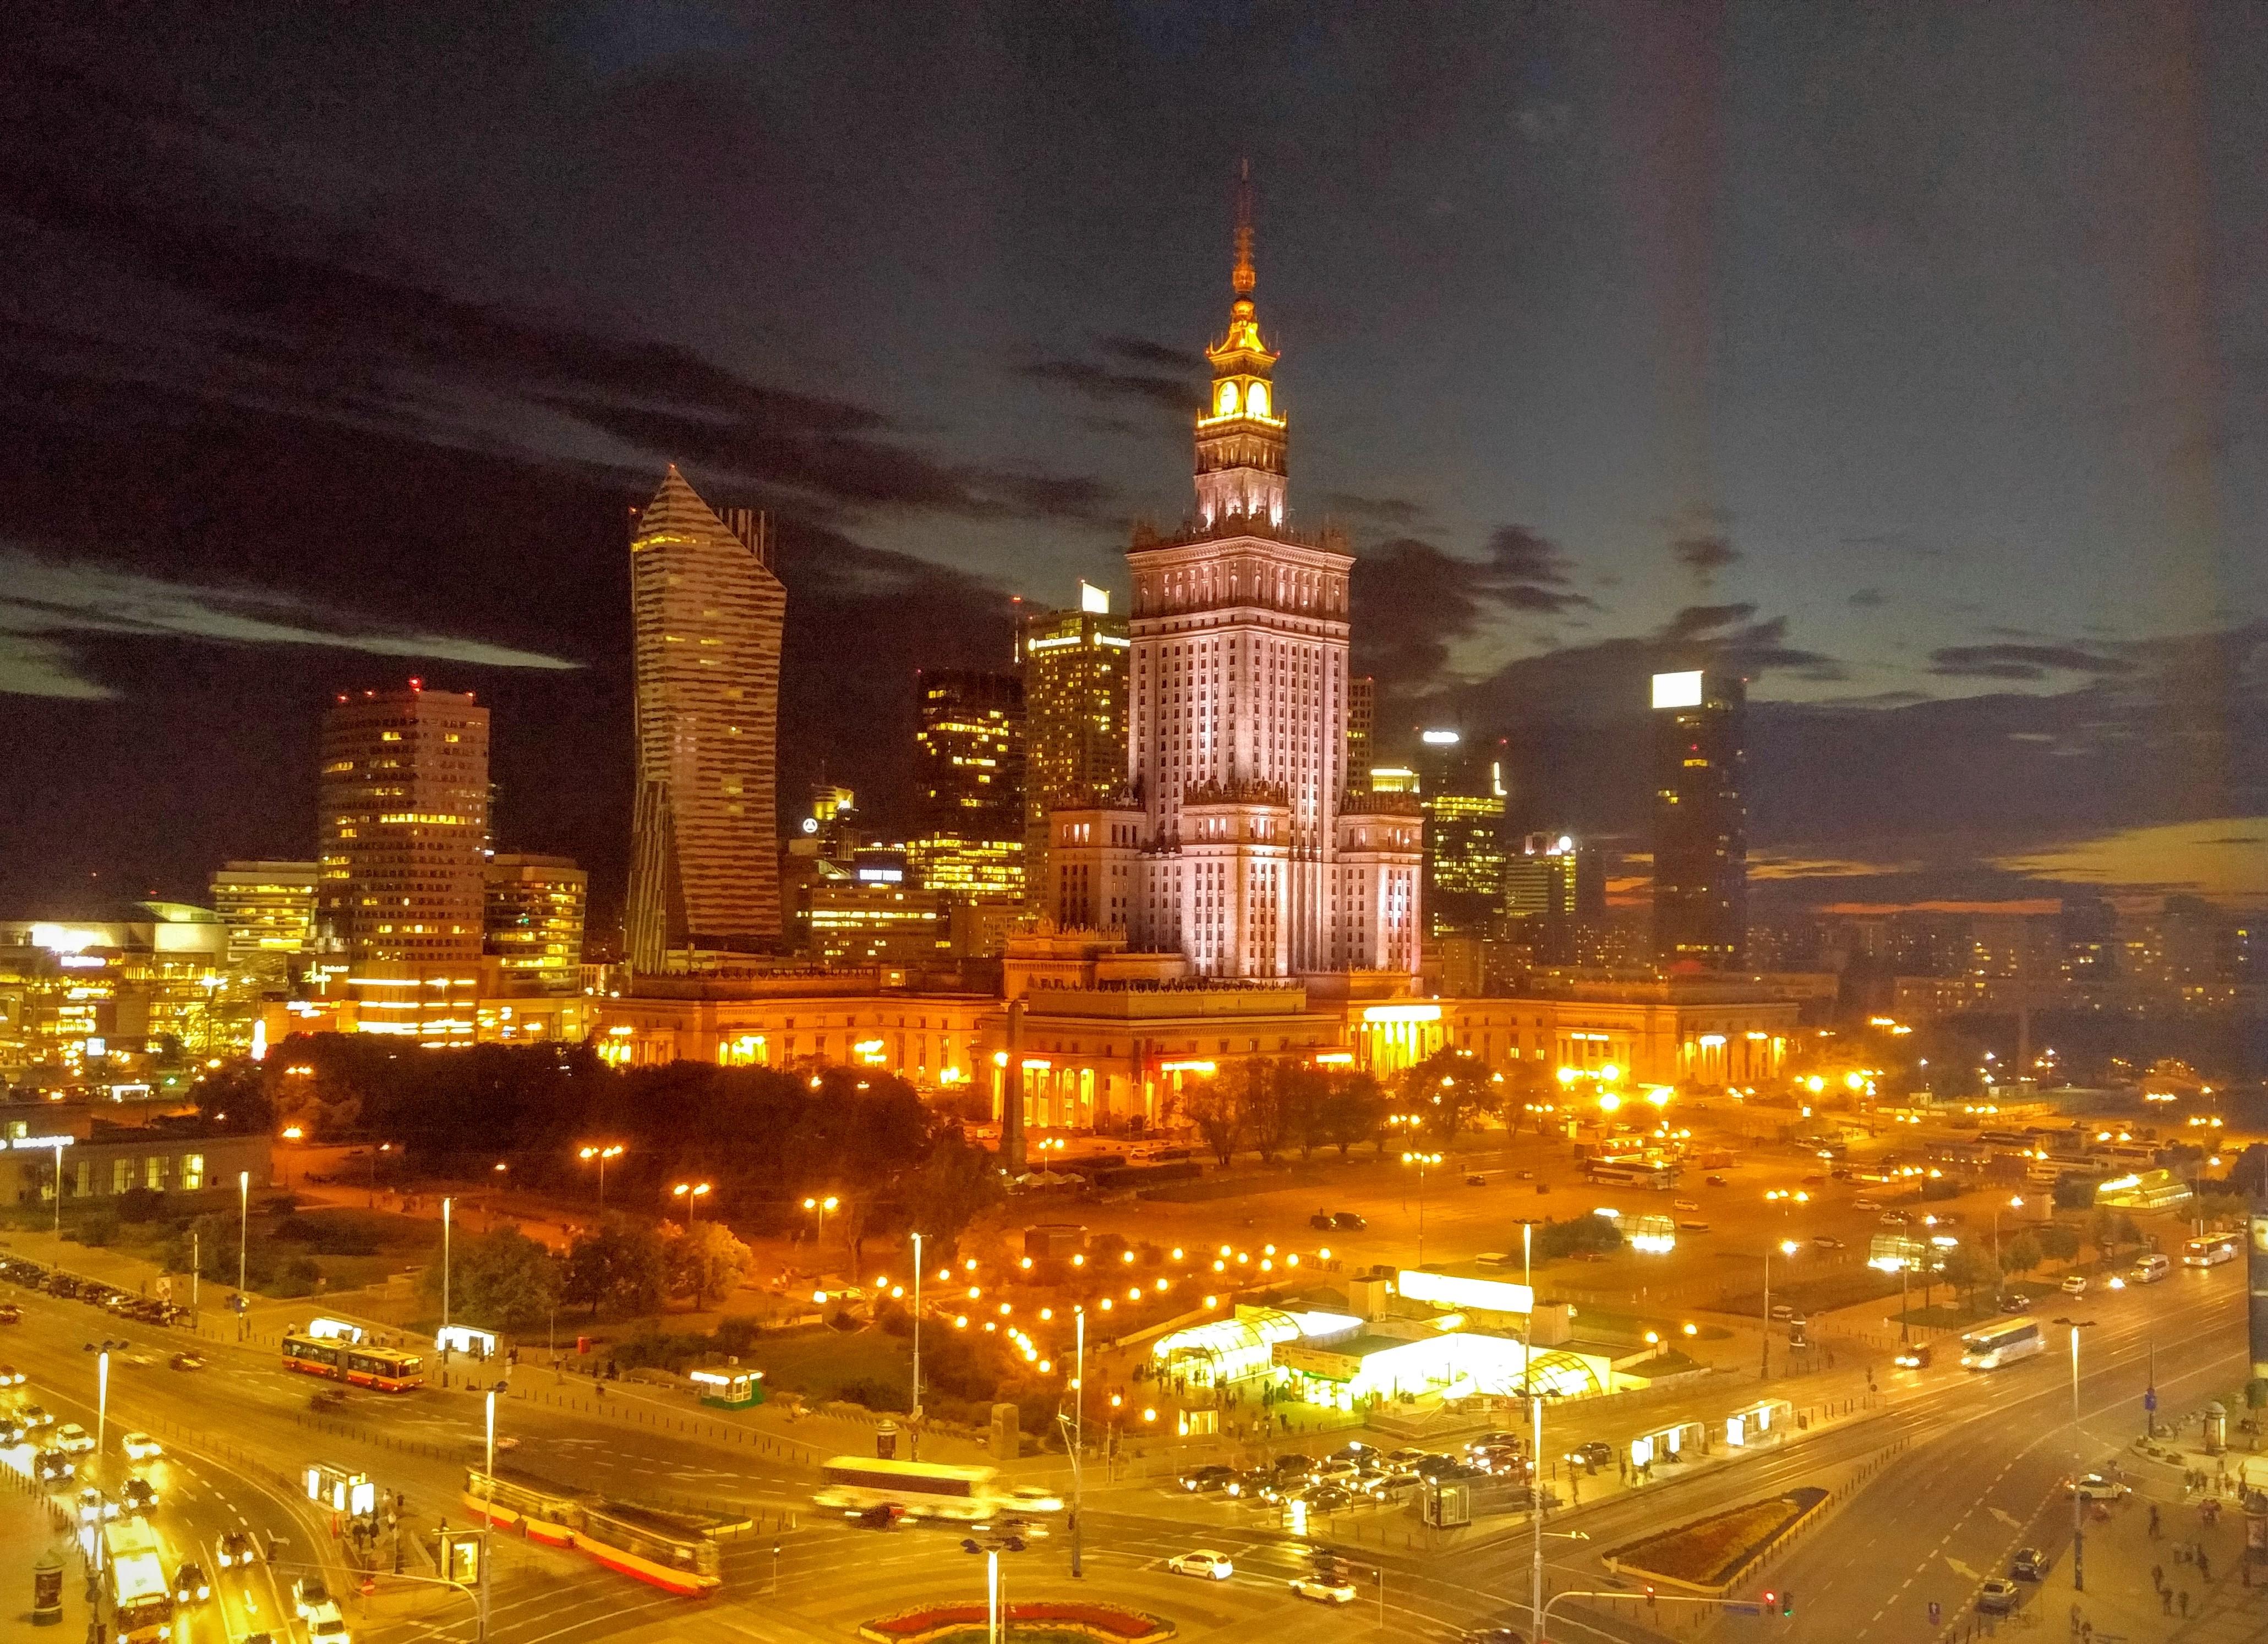 Варшава, столица Польши, страны победивших бесконтактных банковских технологий